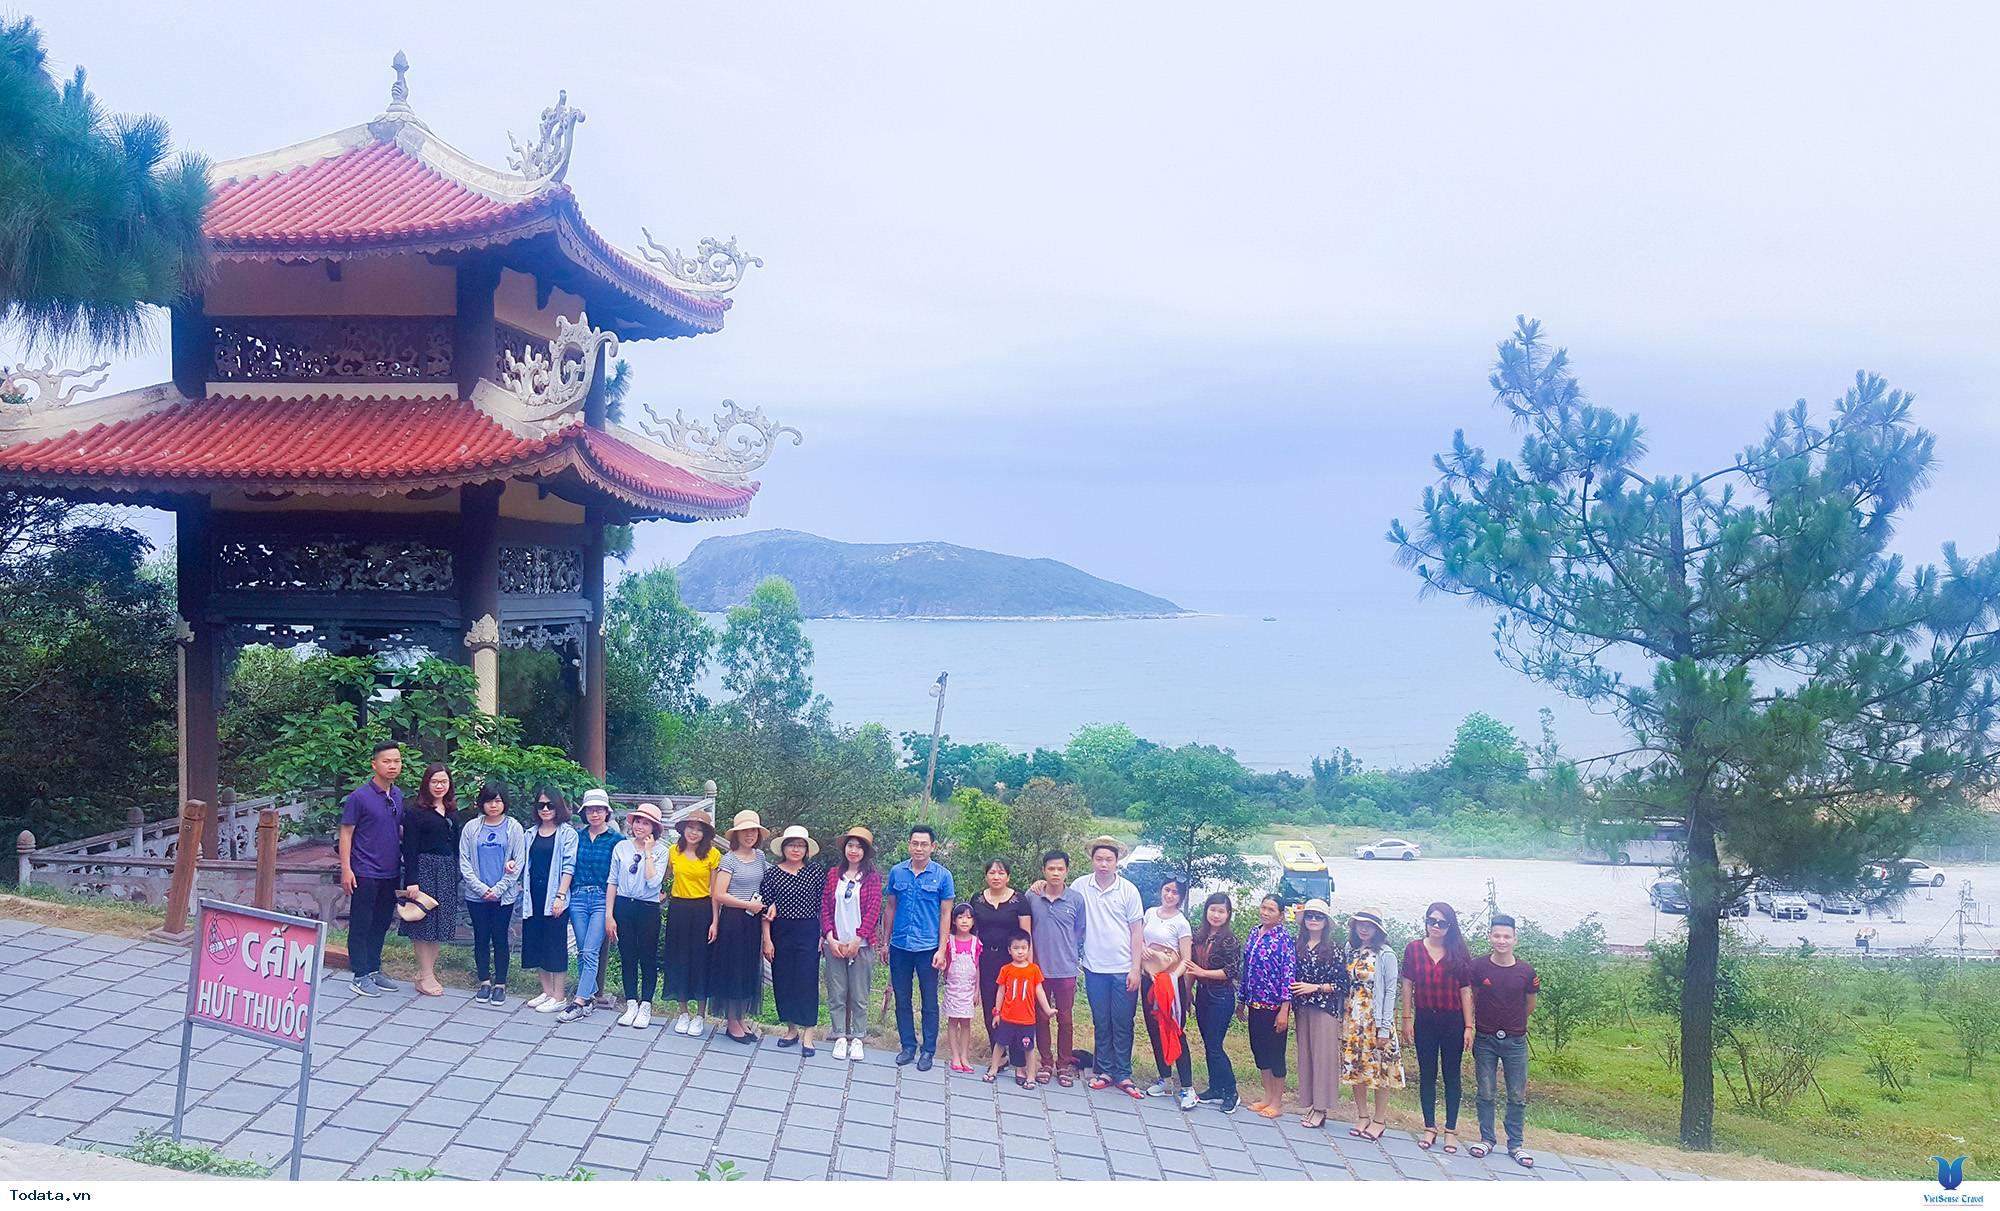 Tour Du Lịch Quảng Bình Mùa Hè Từ Hà Nội - Ảnh 1